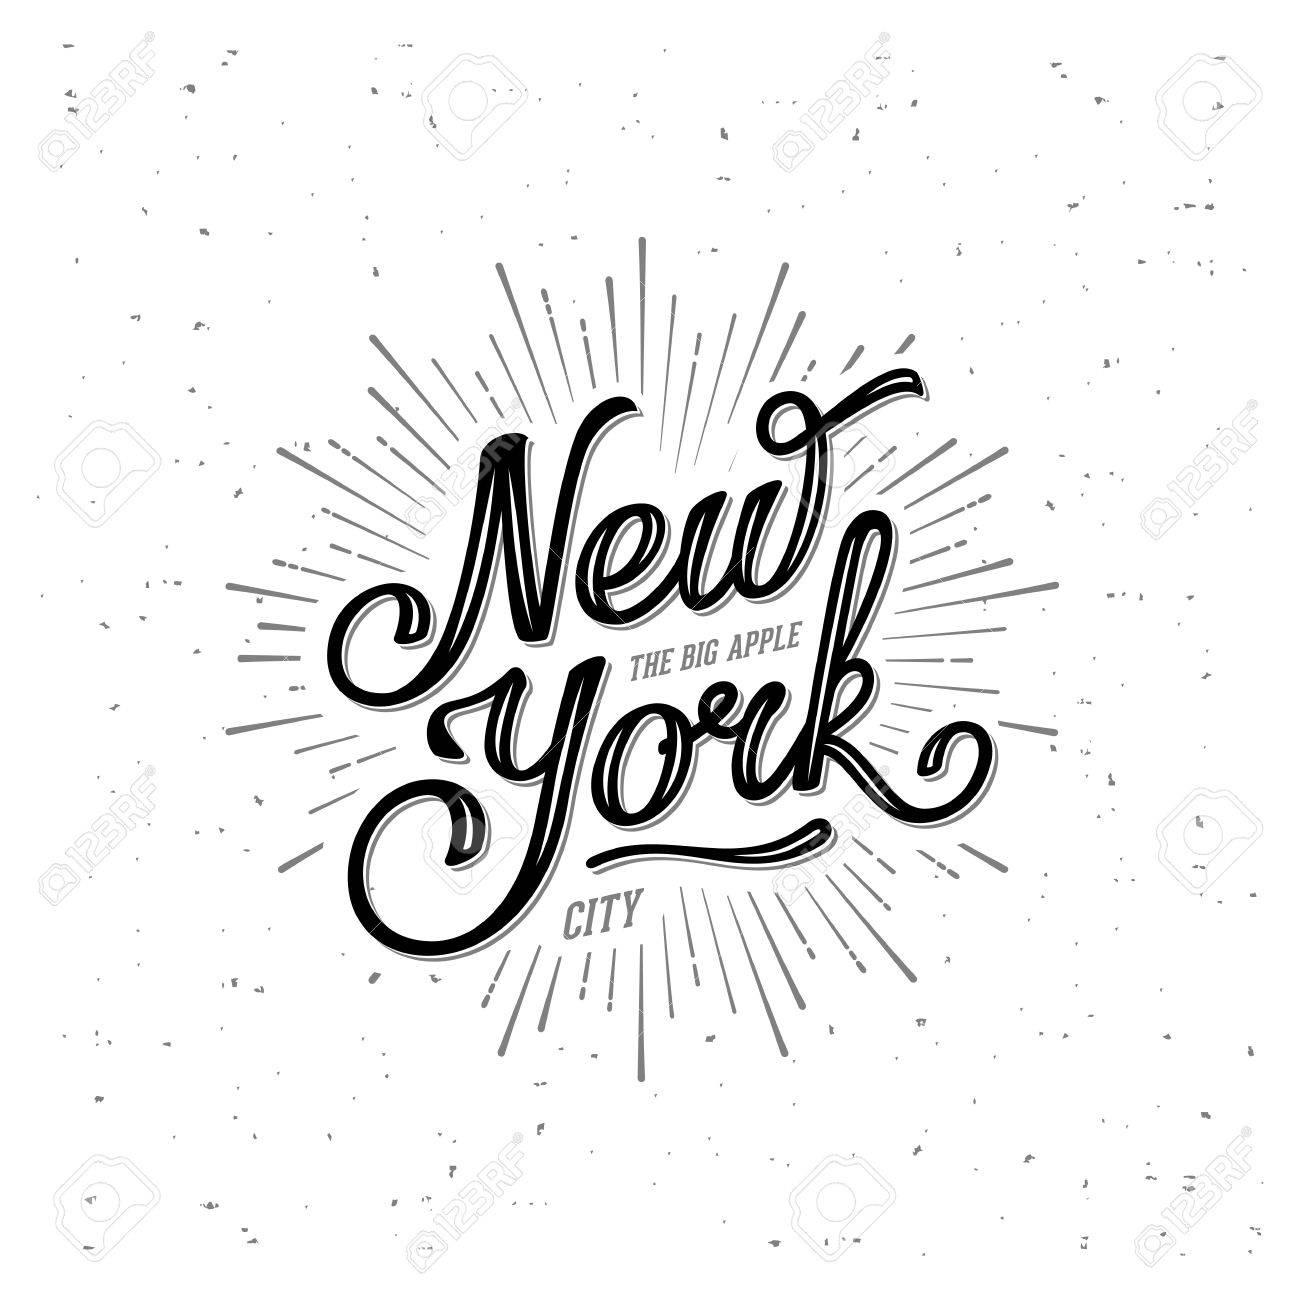 New York City Typografie Mit Starburst. Drucken Für T-Shirt Oder Ein ...